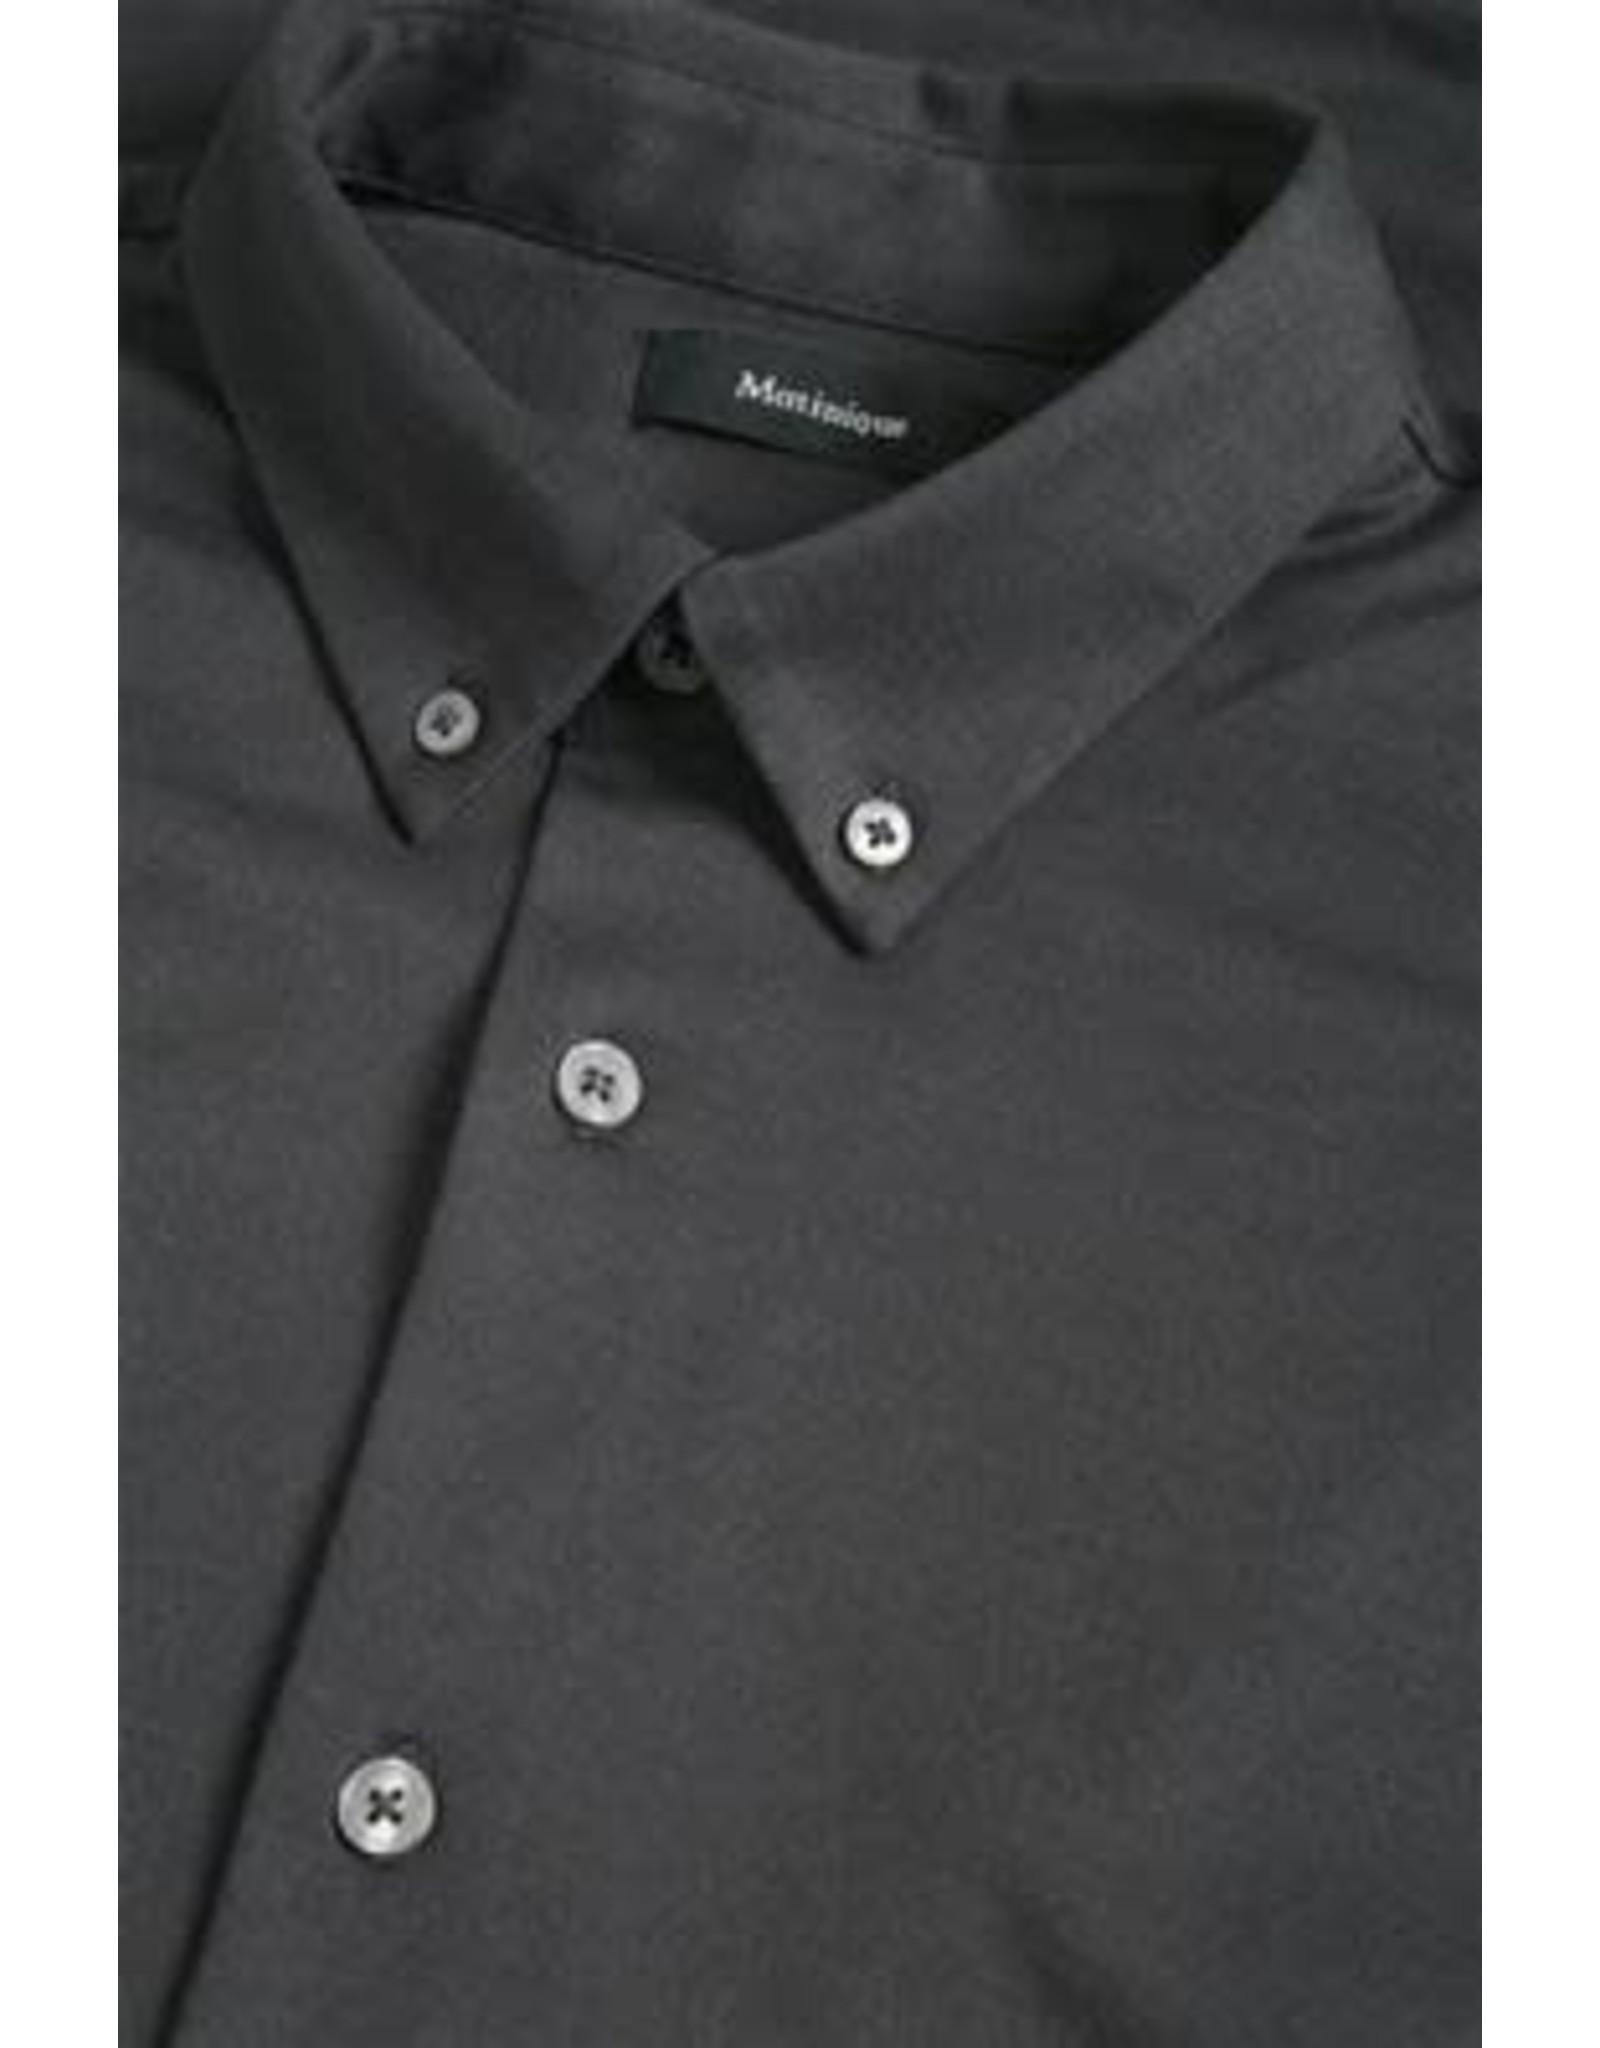 Matinique Benji Smooth Jersey Shirt